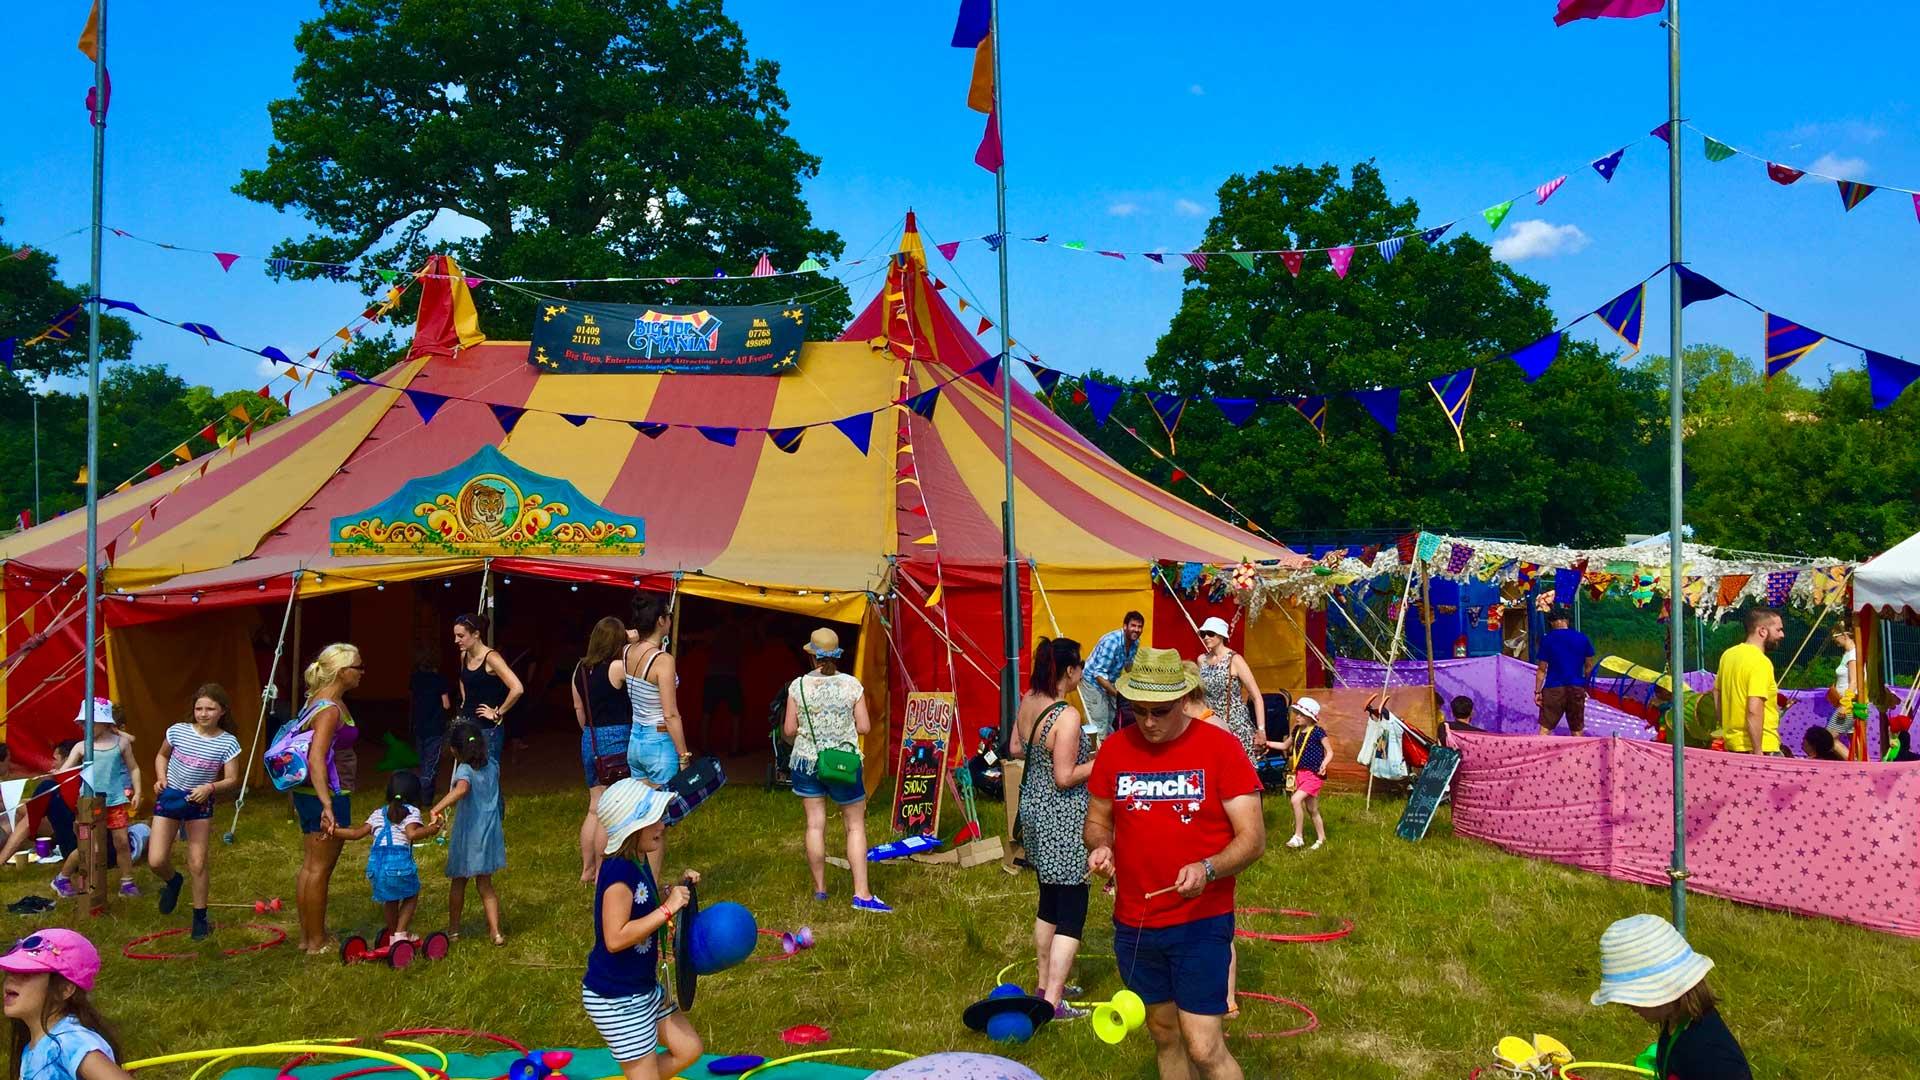 Festival children's play area Dorset